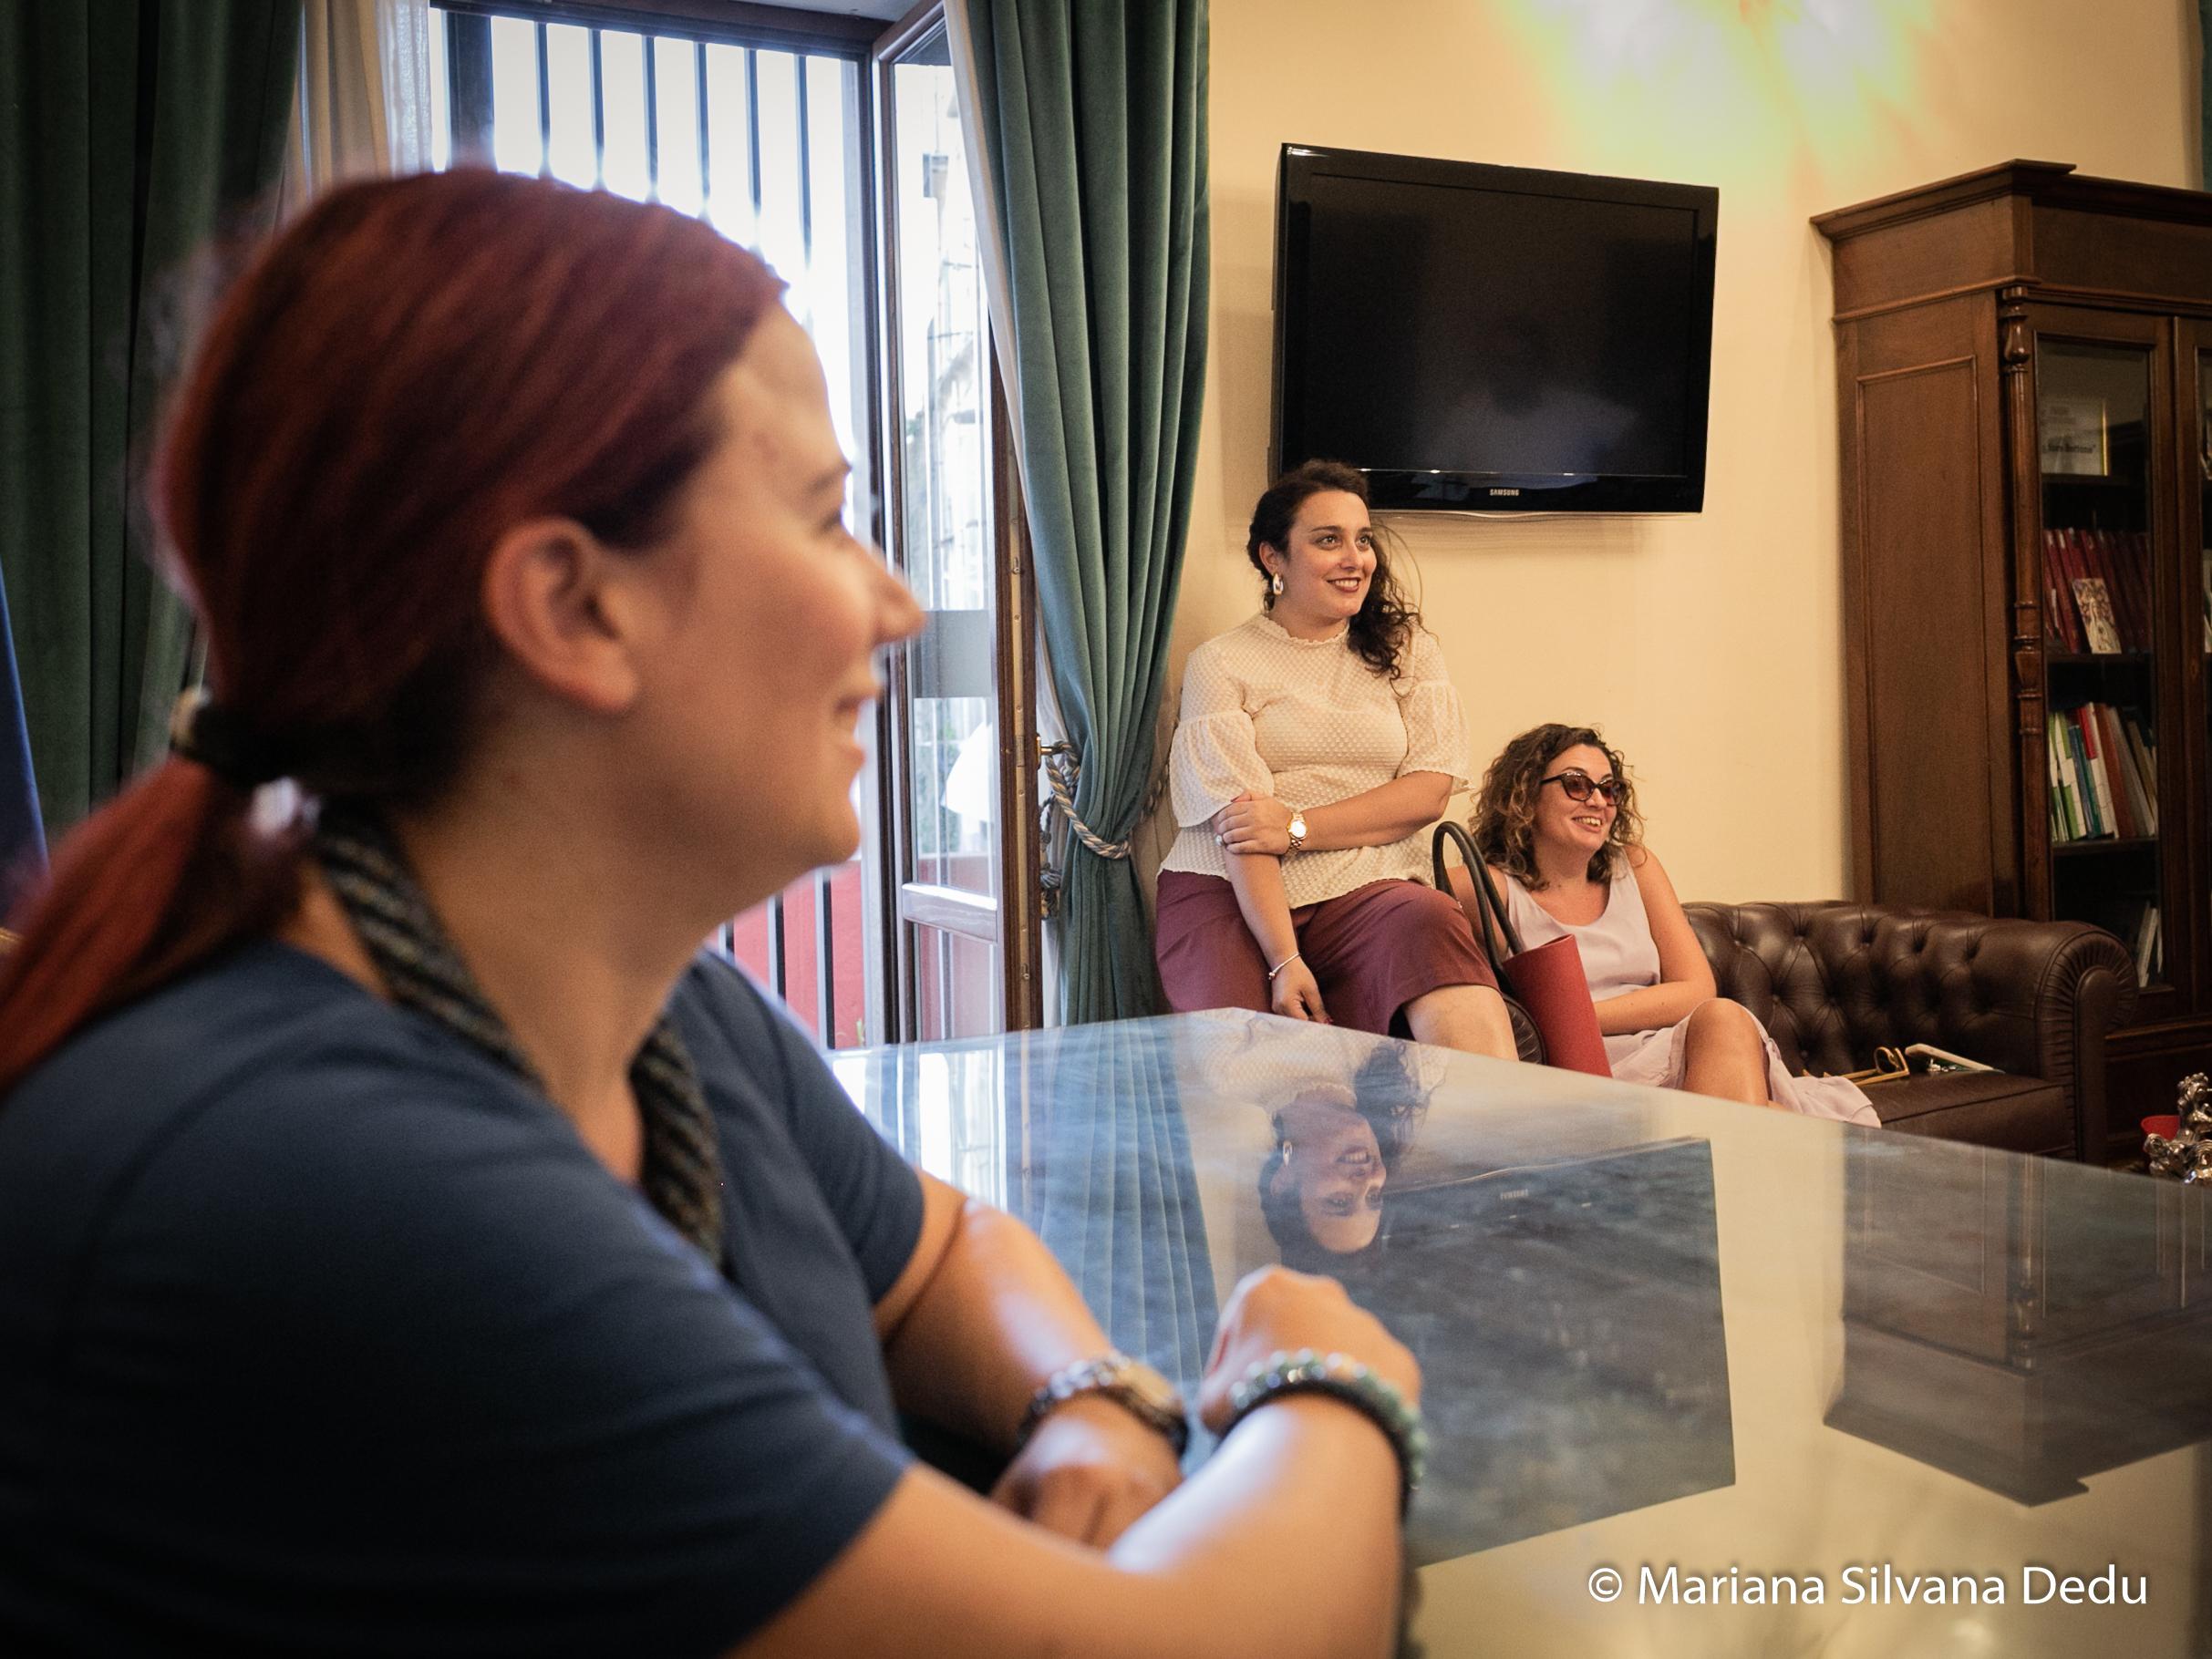 Pagani: #RinascitaSud e le potenzialità del Mezzogiorno